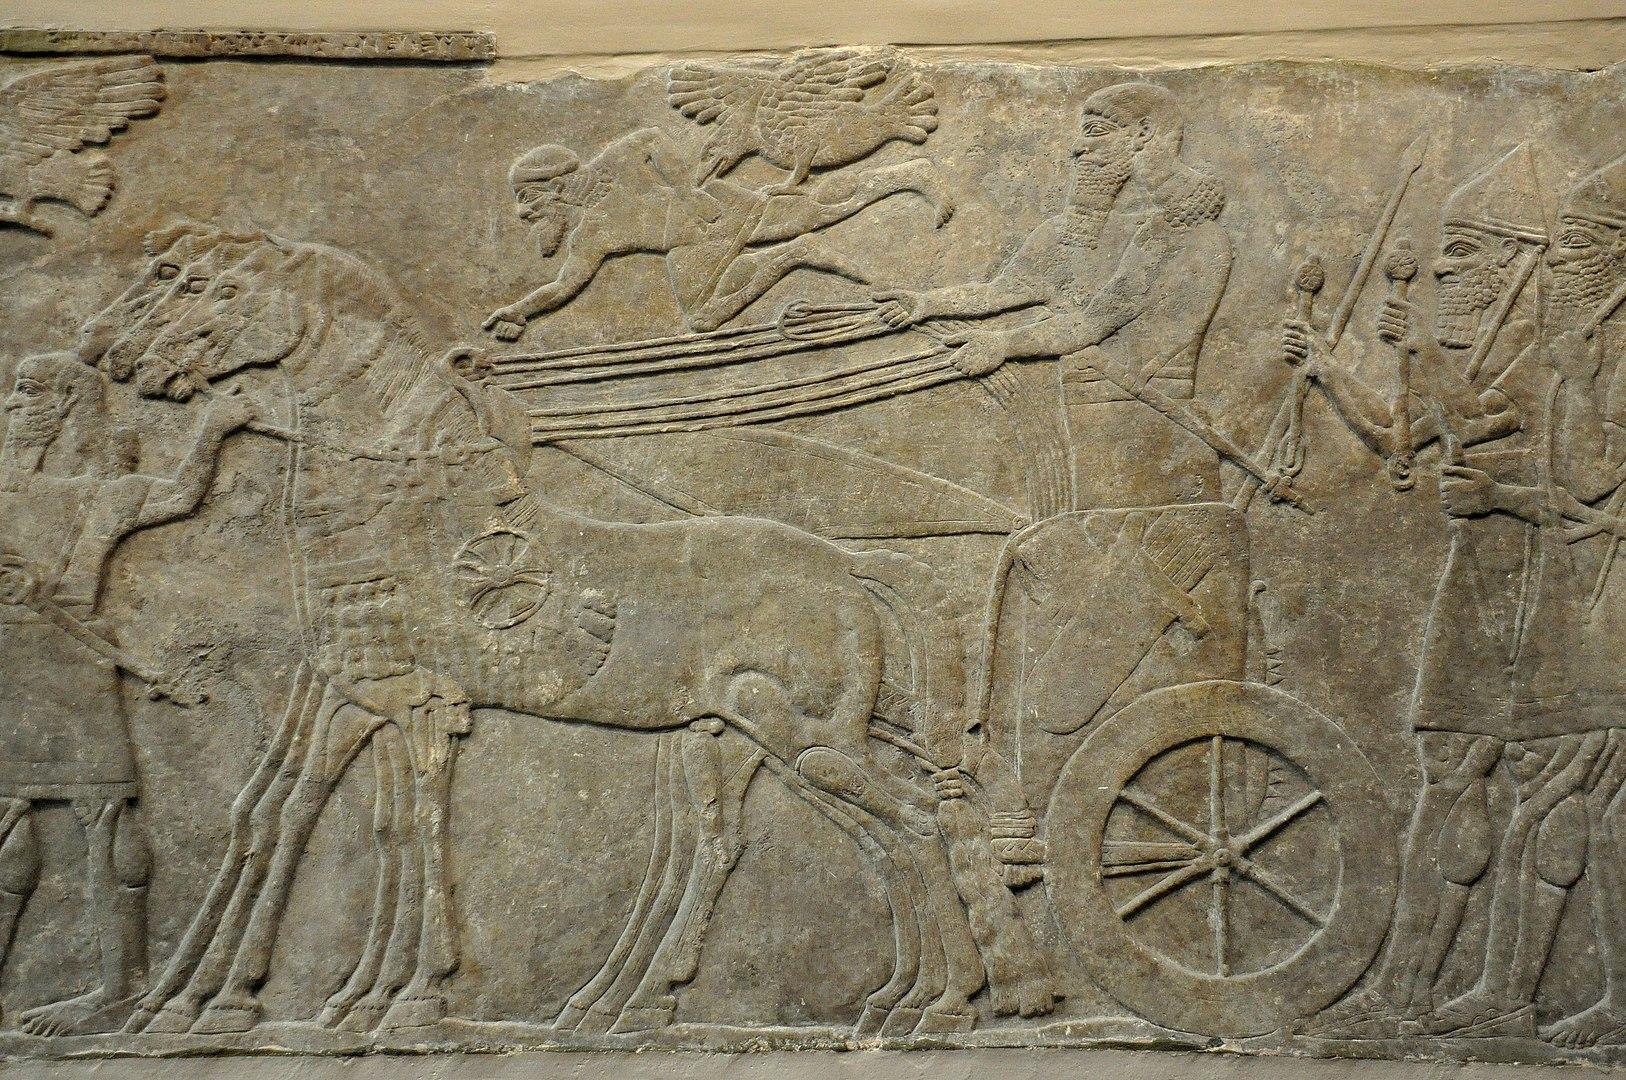 上图:宁录亚述王宫出土的亚述那西尔帕二世(Ashurnasirpal II,主前883-859年在位)的浮雕,描绘亚述神明在亚述战车前面开路。